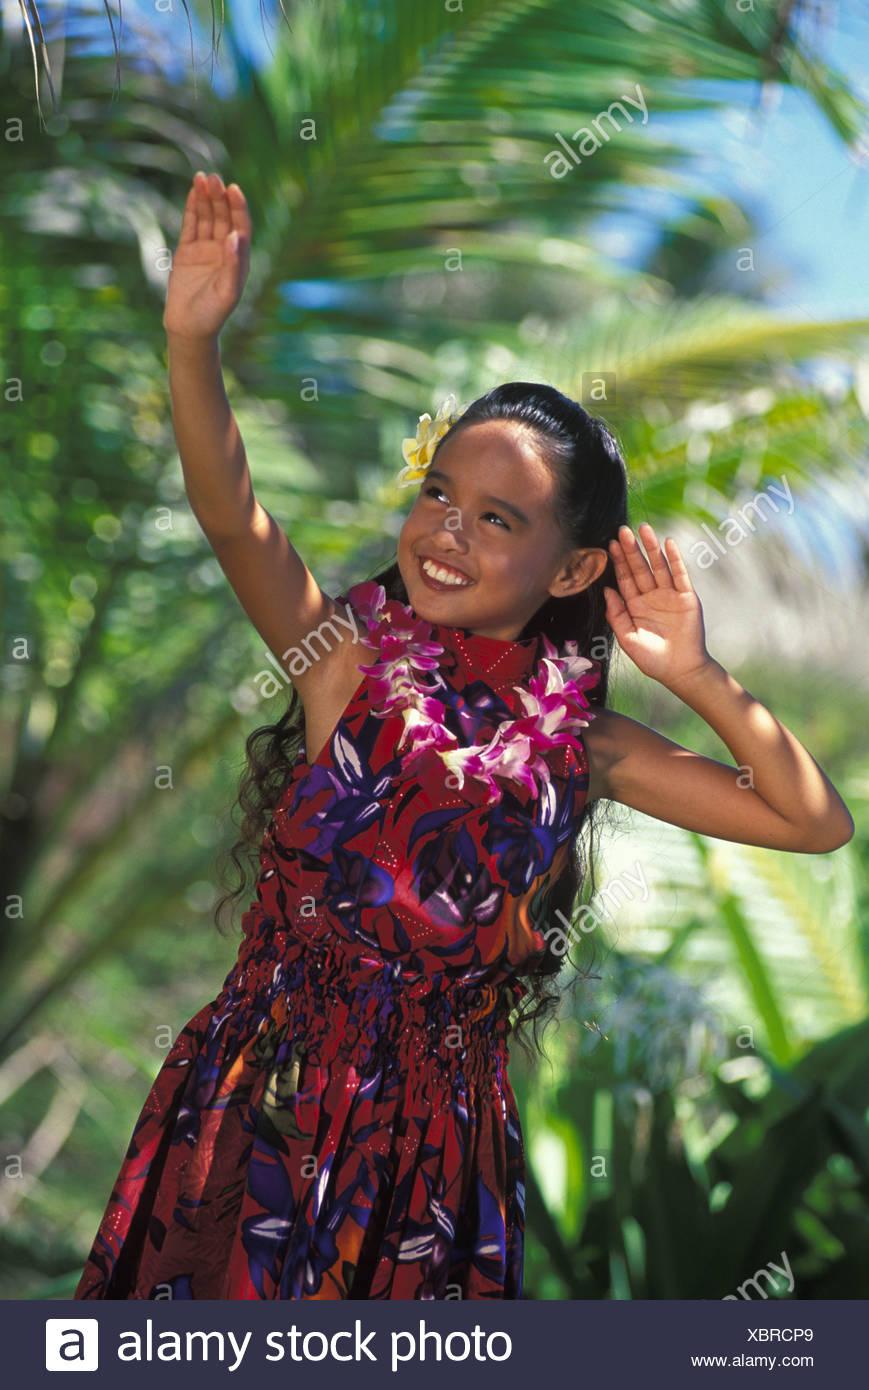 Beautiful Young Hawaiian Girl Dancing An Aunana Modern Hula With